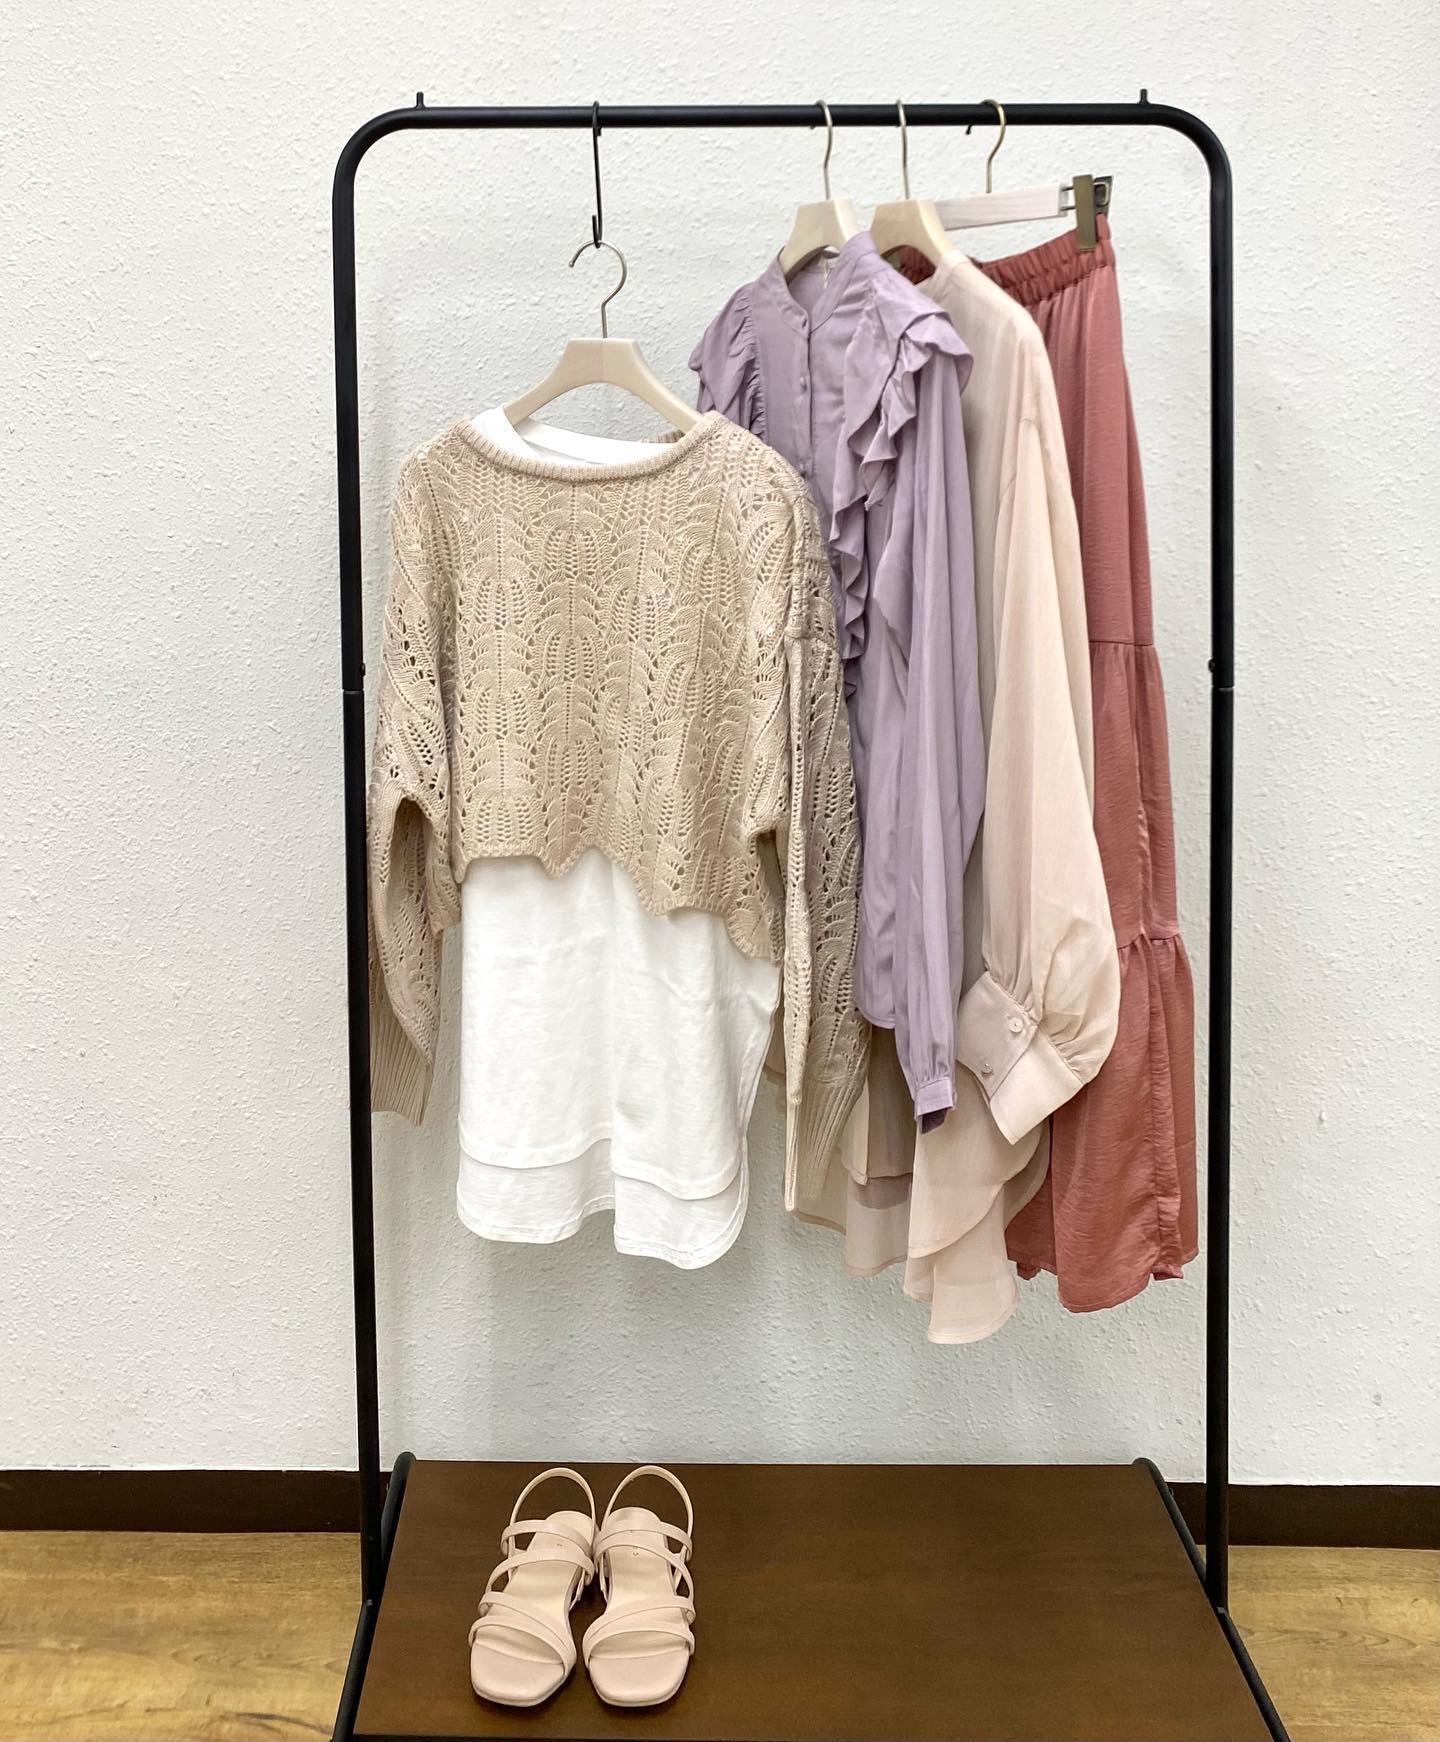 .【recommend color】 2021年春夏のおすすめcolorは#ピンク系 トレンドをおさえたら大人っぽくも着られる お気に入りの差し色を探してください#retrogirl_ootd#レトロガール#レトロガールコーデ#トレンドファッション#プチプラコーデ#ピンク #ピンクコーデ #クロシェ #ティアードスカート #フリルブラウス #透けシャツ #フラットサンダル#春カラー #春コーデ #2021ss